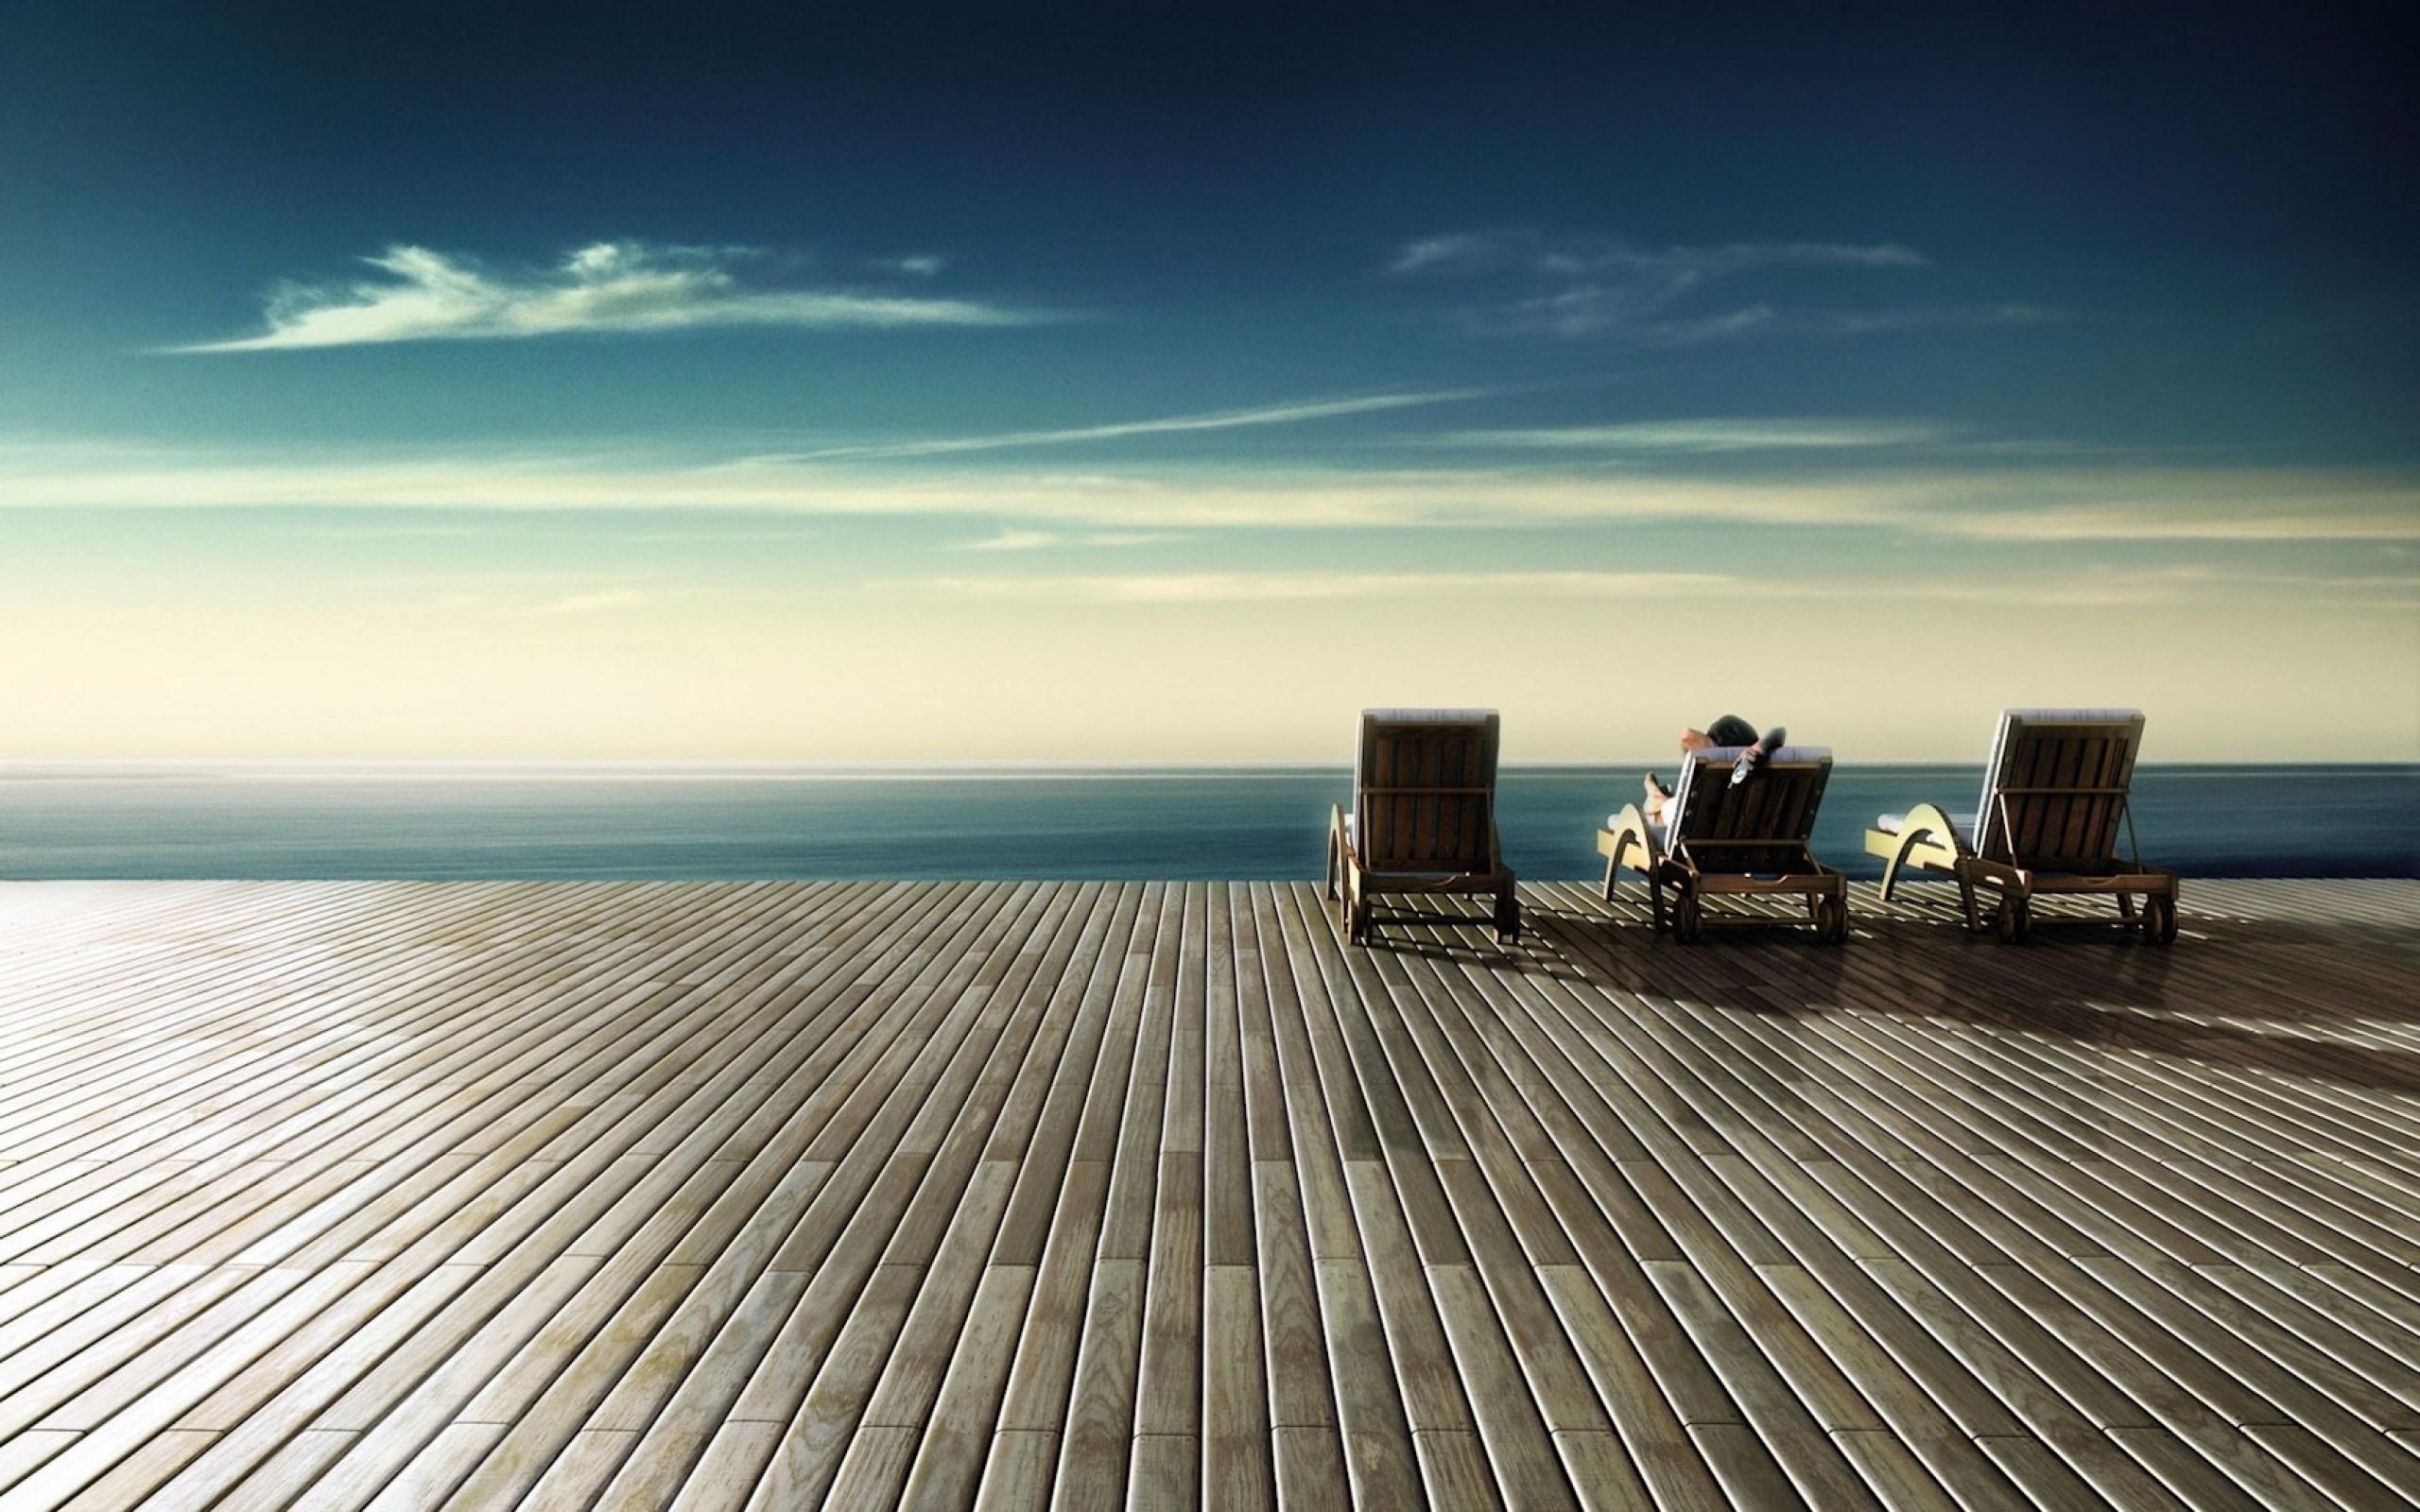 Wallpaper chairs, wood floor, rest, sky, shore